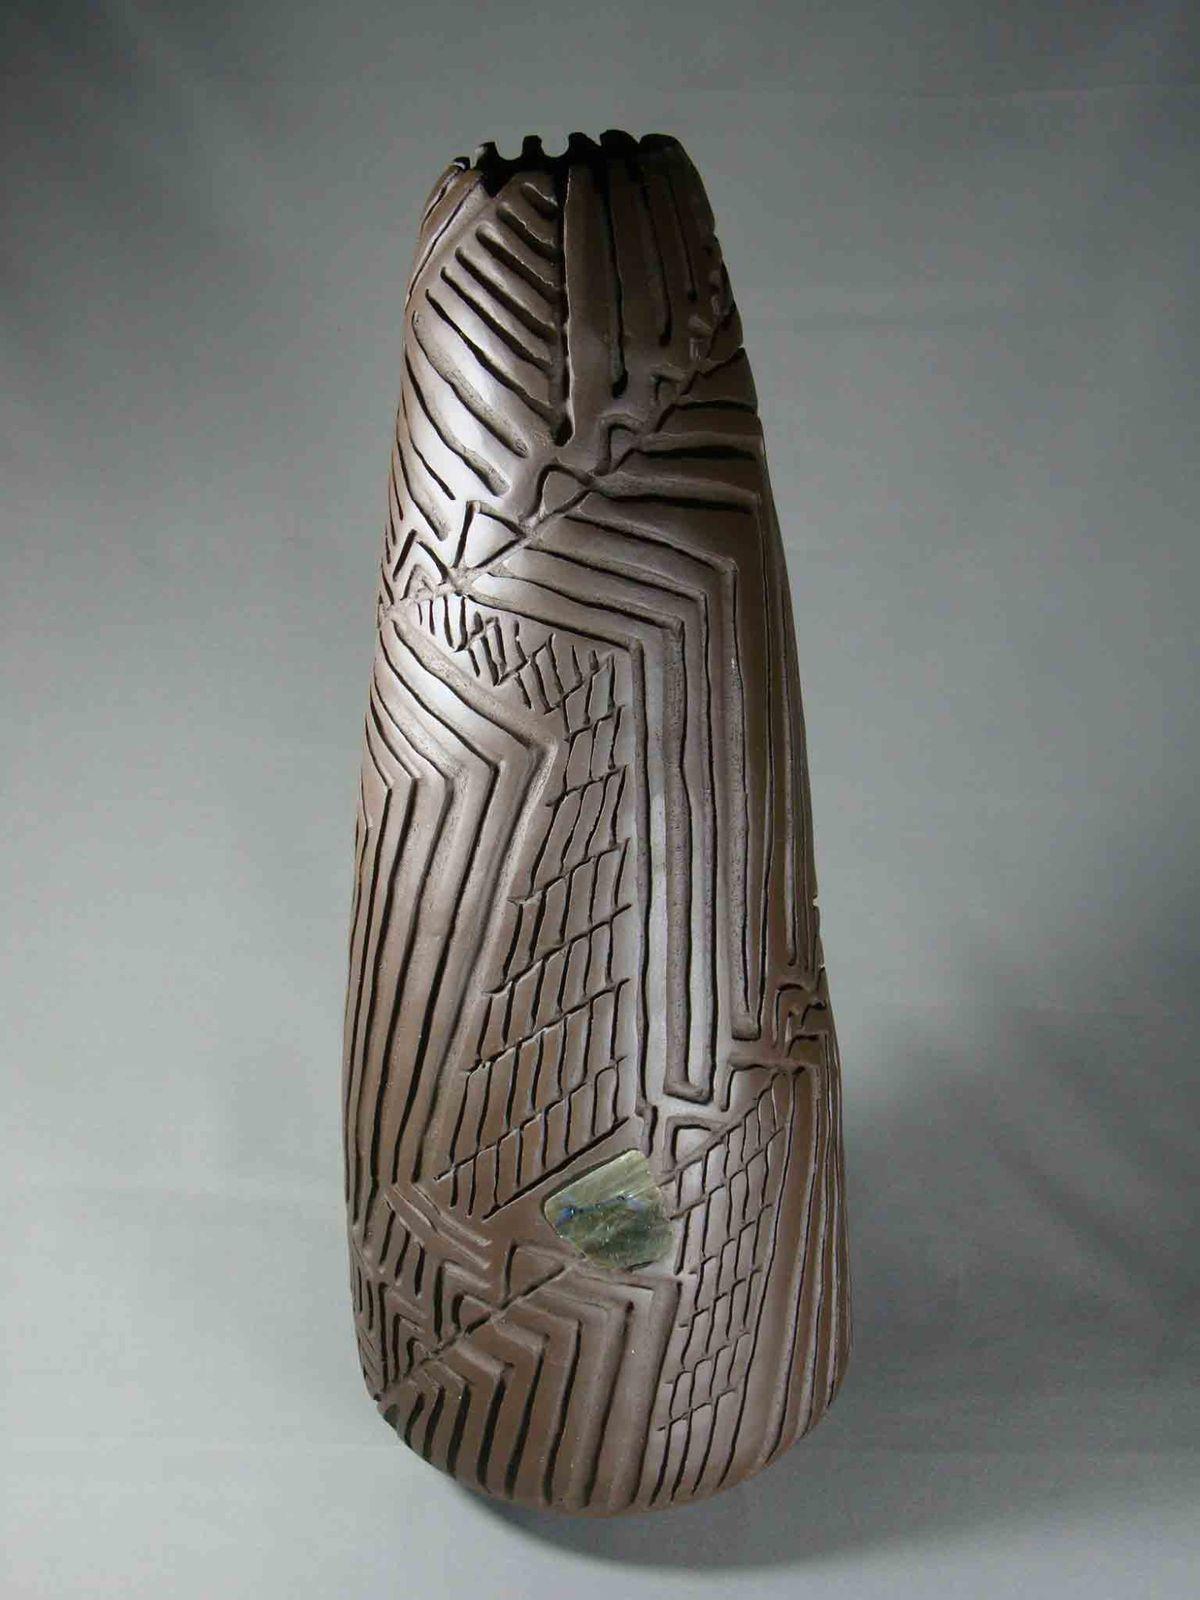 Résonnances, décor cannelé sur grès noir, incustation de pierre ou d'élément naturel.